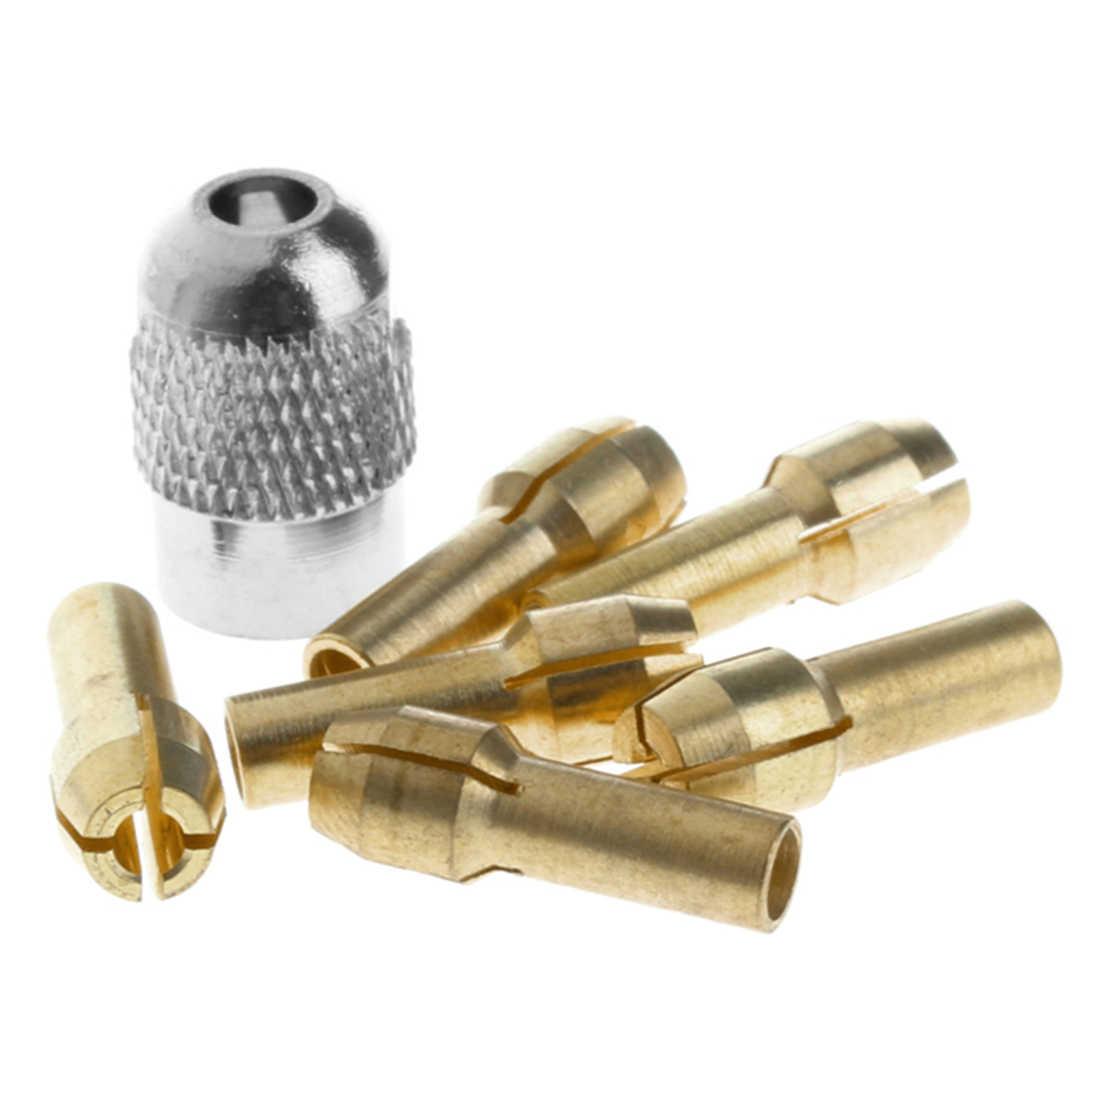 Kit d'accessoires d'outils électriques durables 7 pièces 1-3mm écrou en laiton écrou en laiton Mini perceuse pince en laiton mandrin pour outils rotatifs